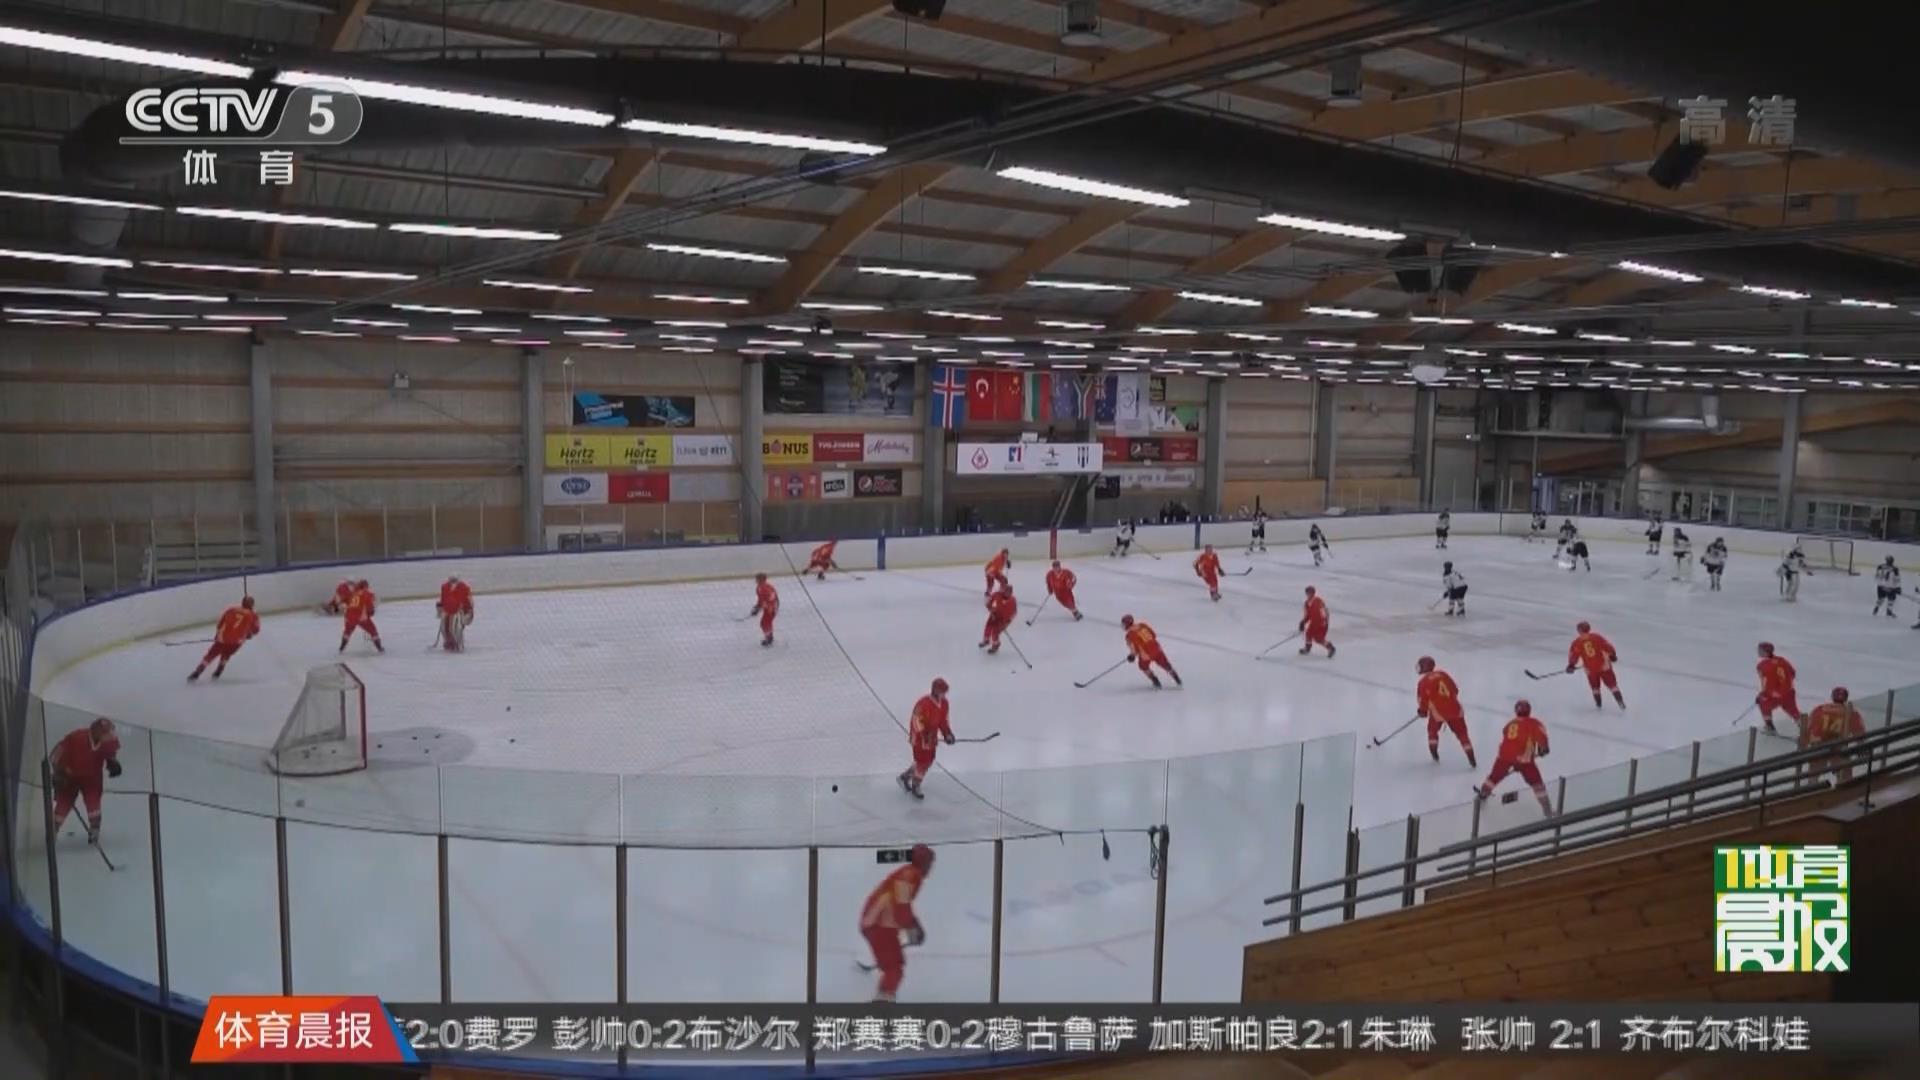 連續大勝 中國U20男子冰球隊順利出線